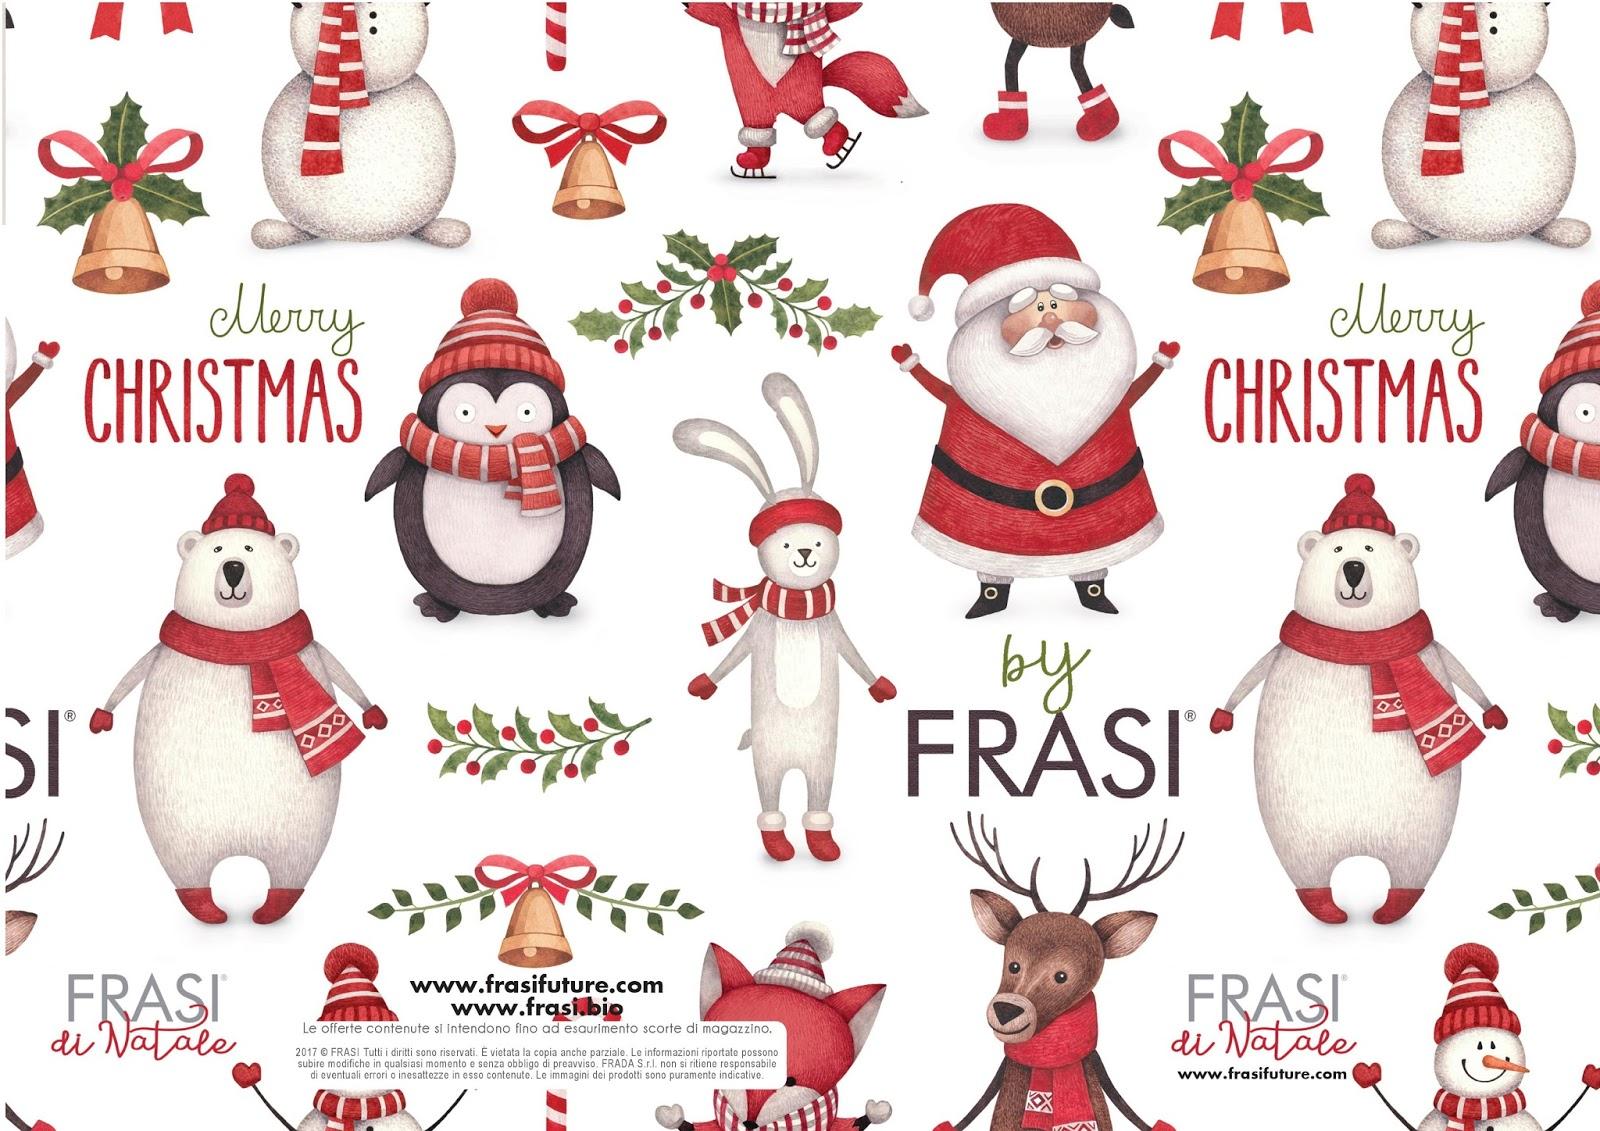 Regali Di Natale Bio.Promozione Regali Di Natale Frasi Future La Tua Bellezza Bio